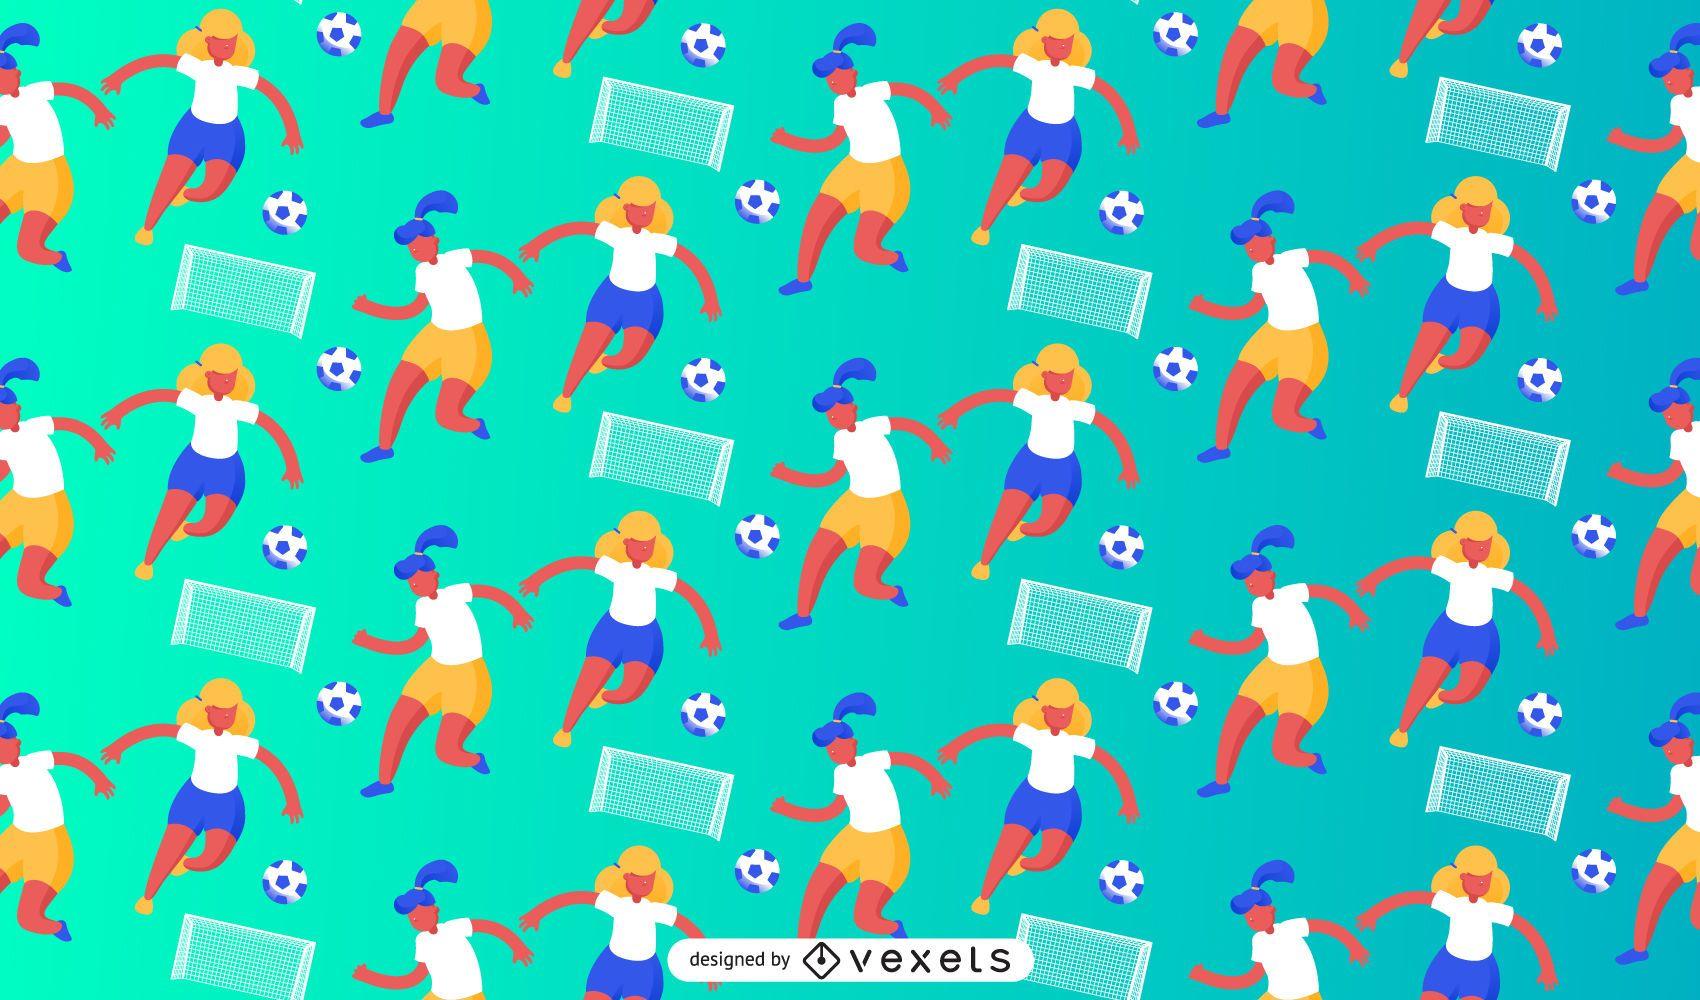 Diseño de patrón de jugadores de fútbol femenino